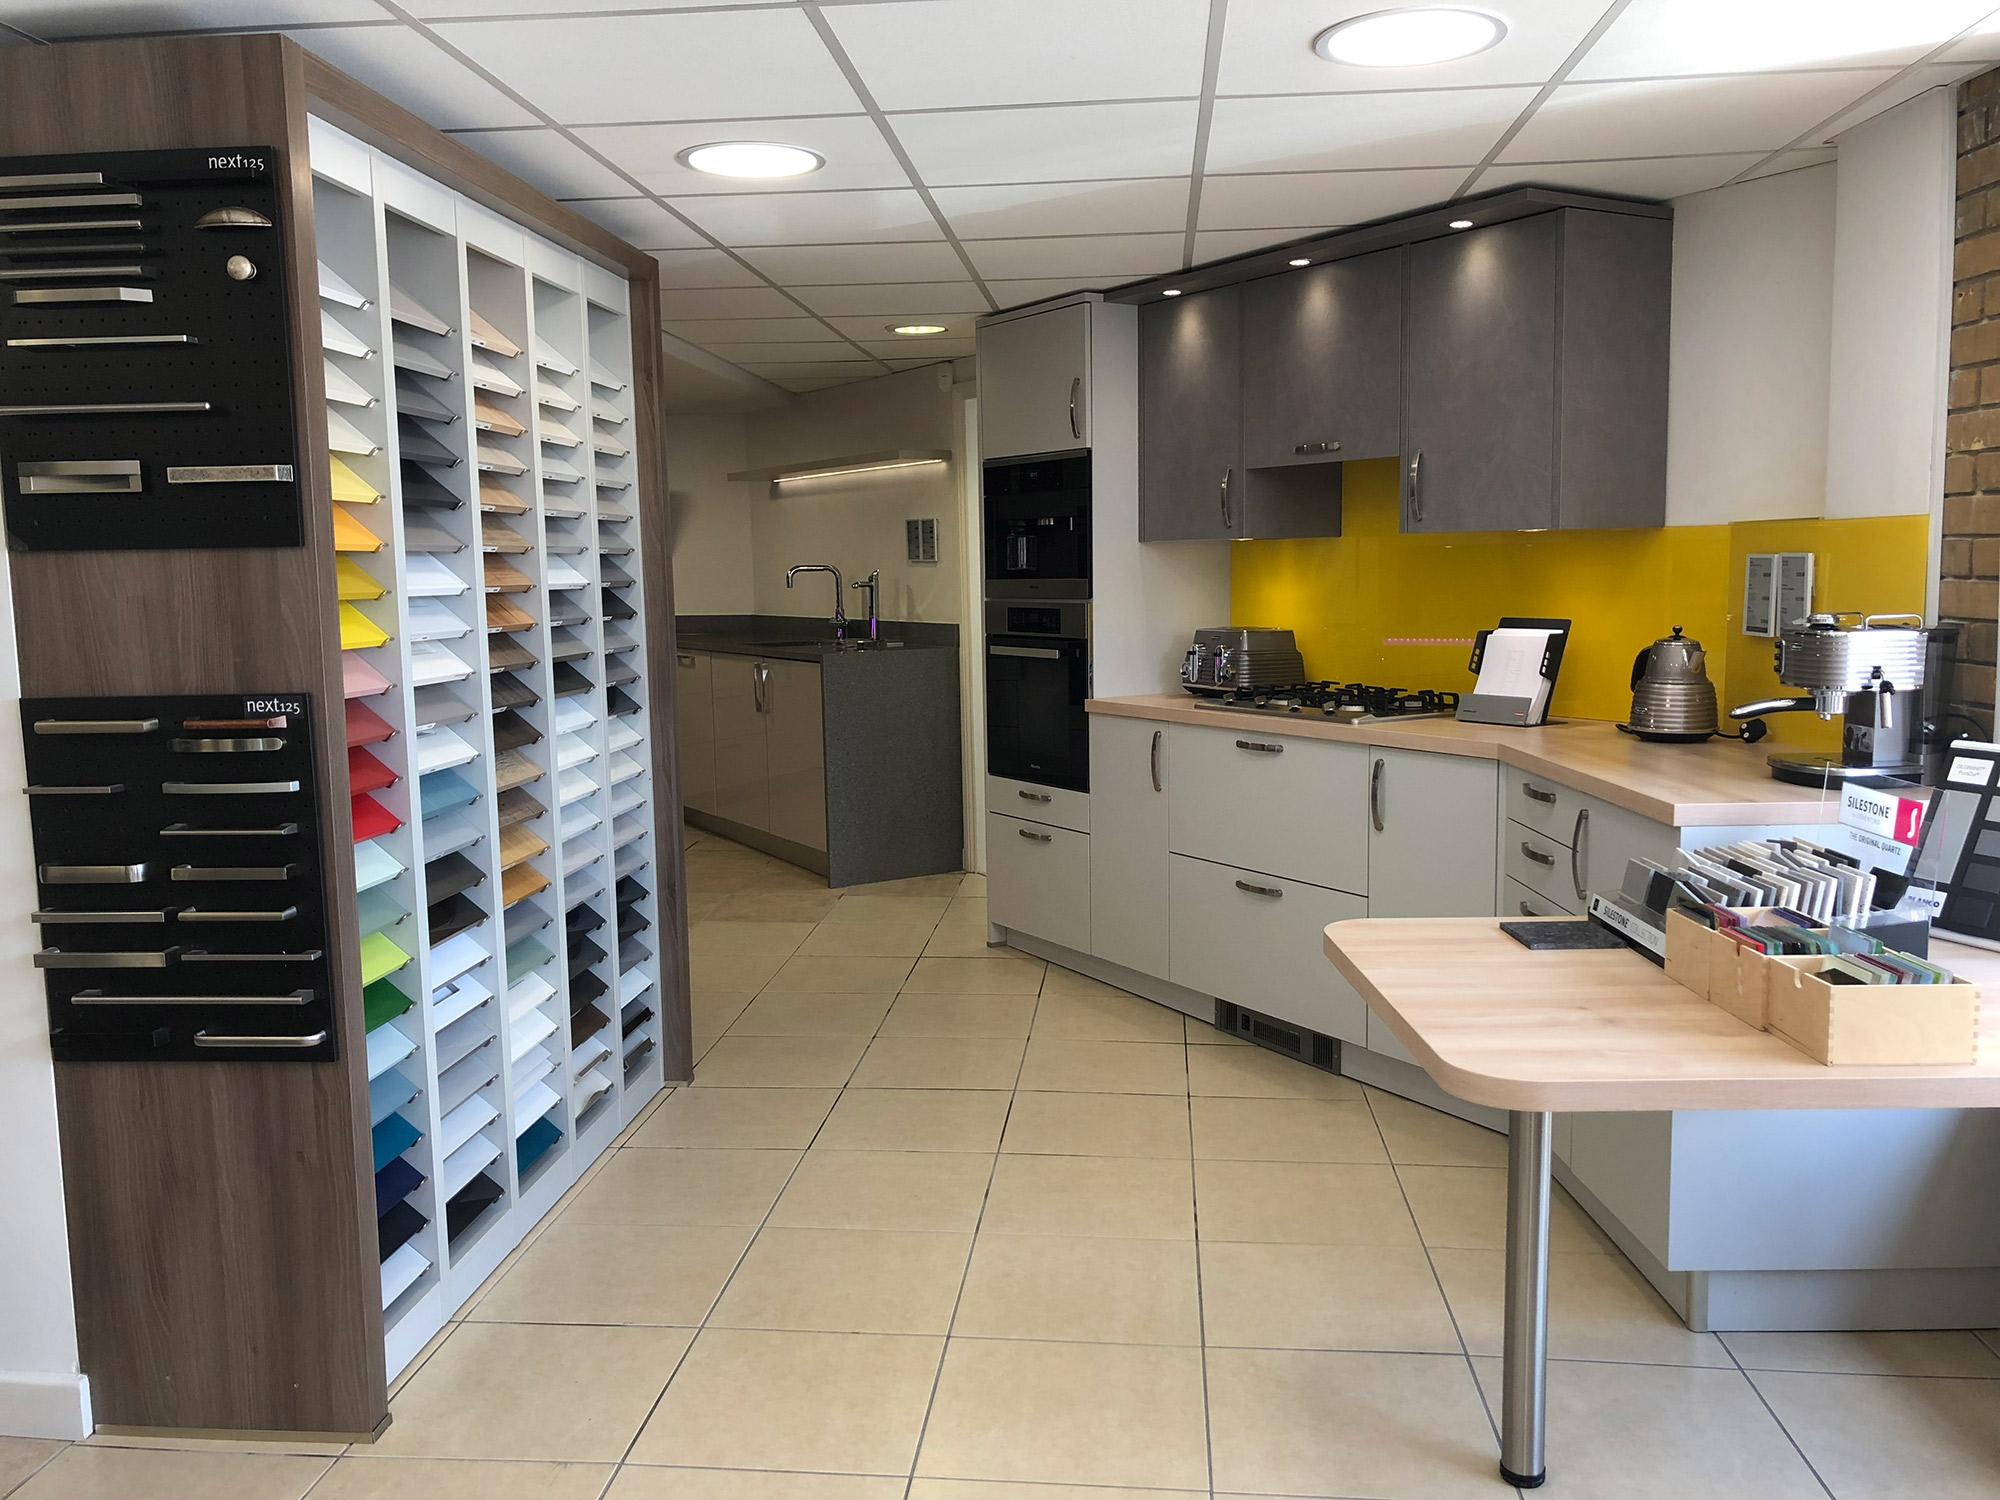 Kitchen Showroom in Benfleet, Essex - Bentons Kitchens